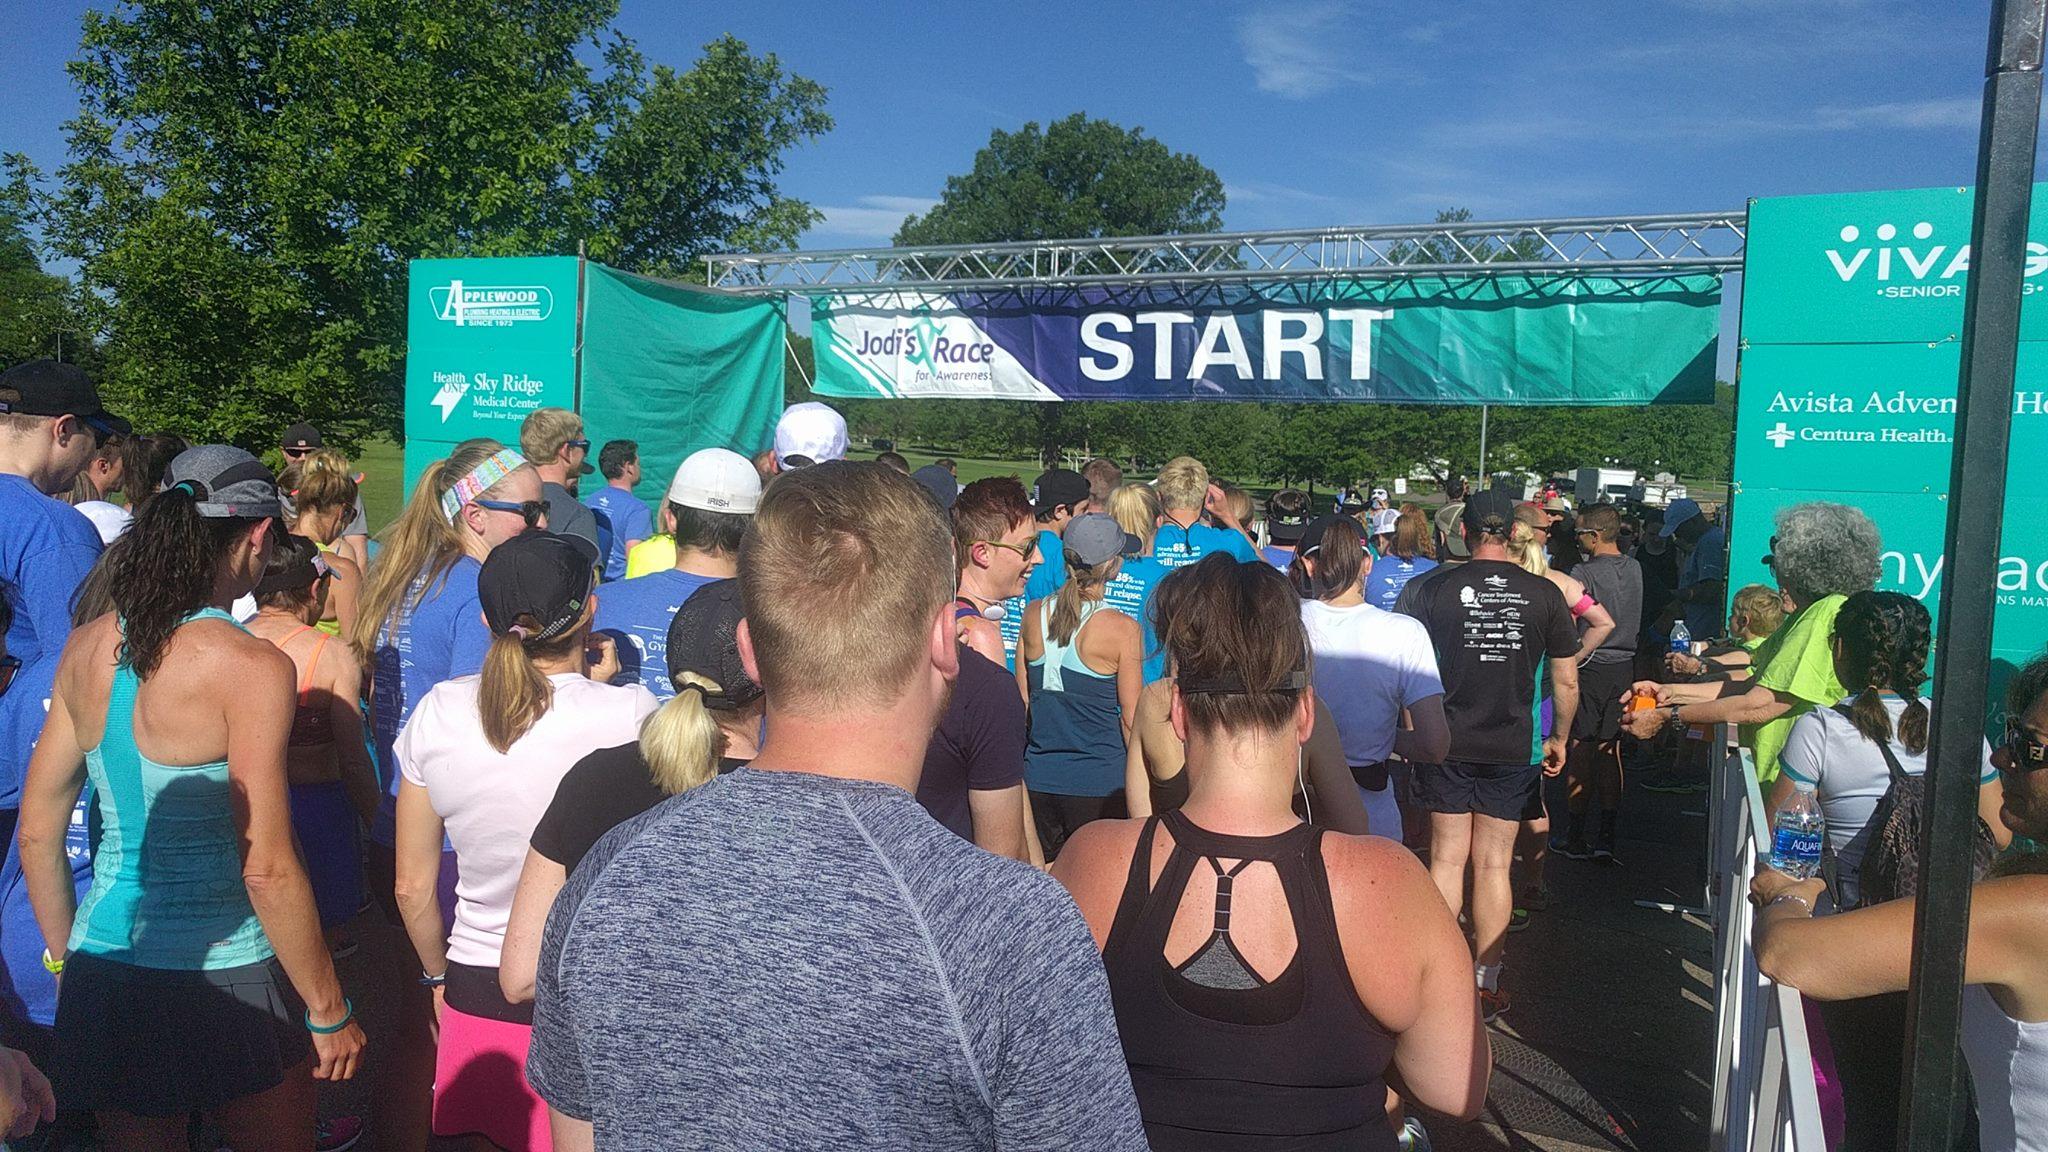 Jodi's Race 5K